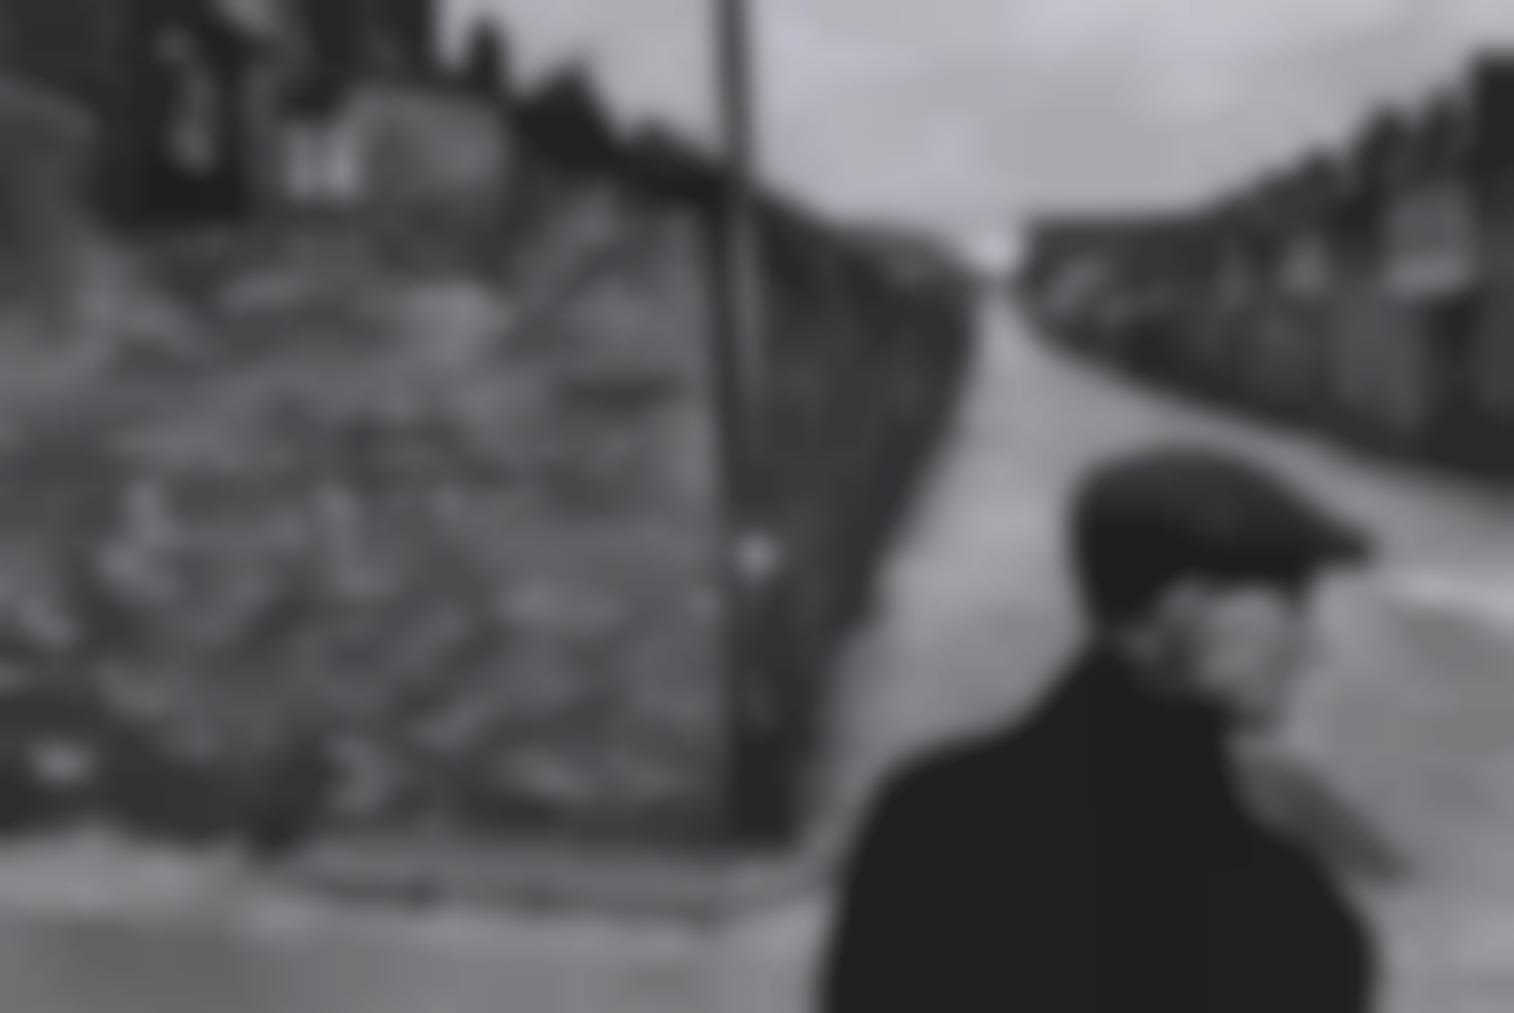 Josef Koudelka-England-1976